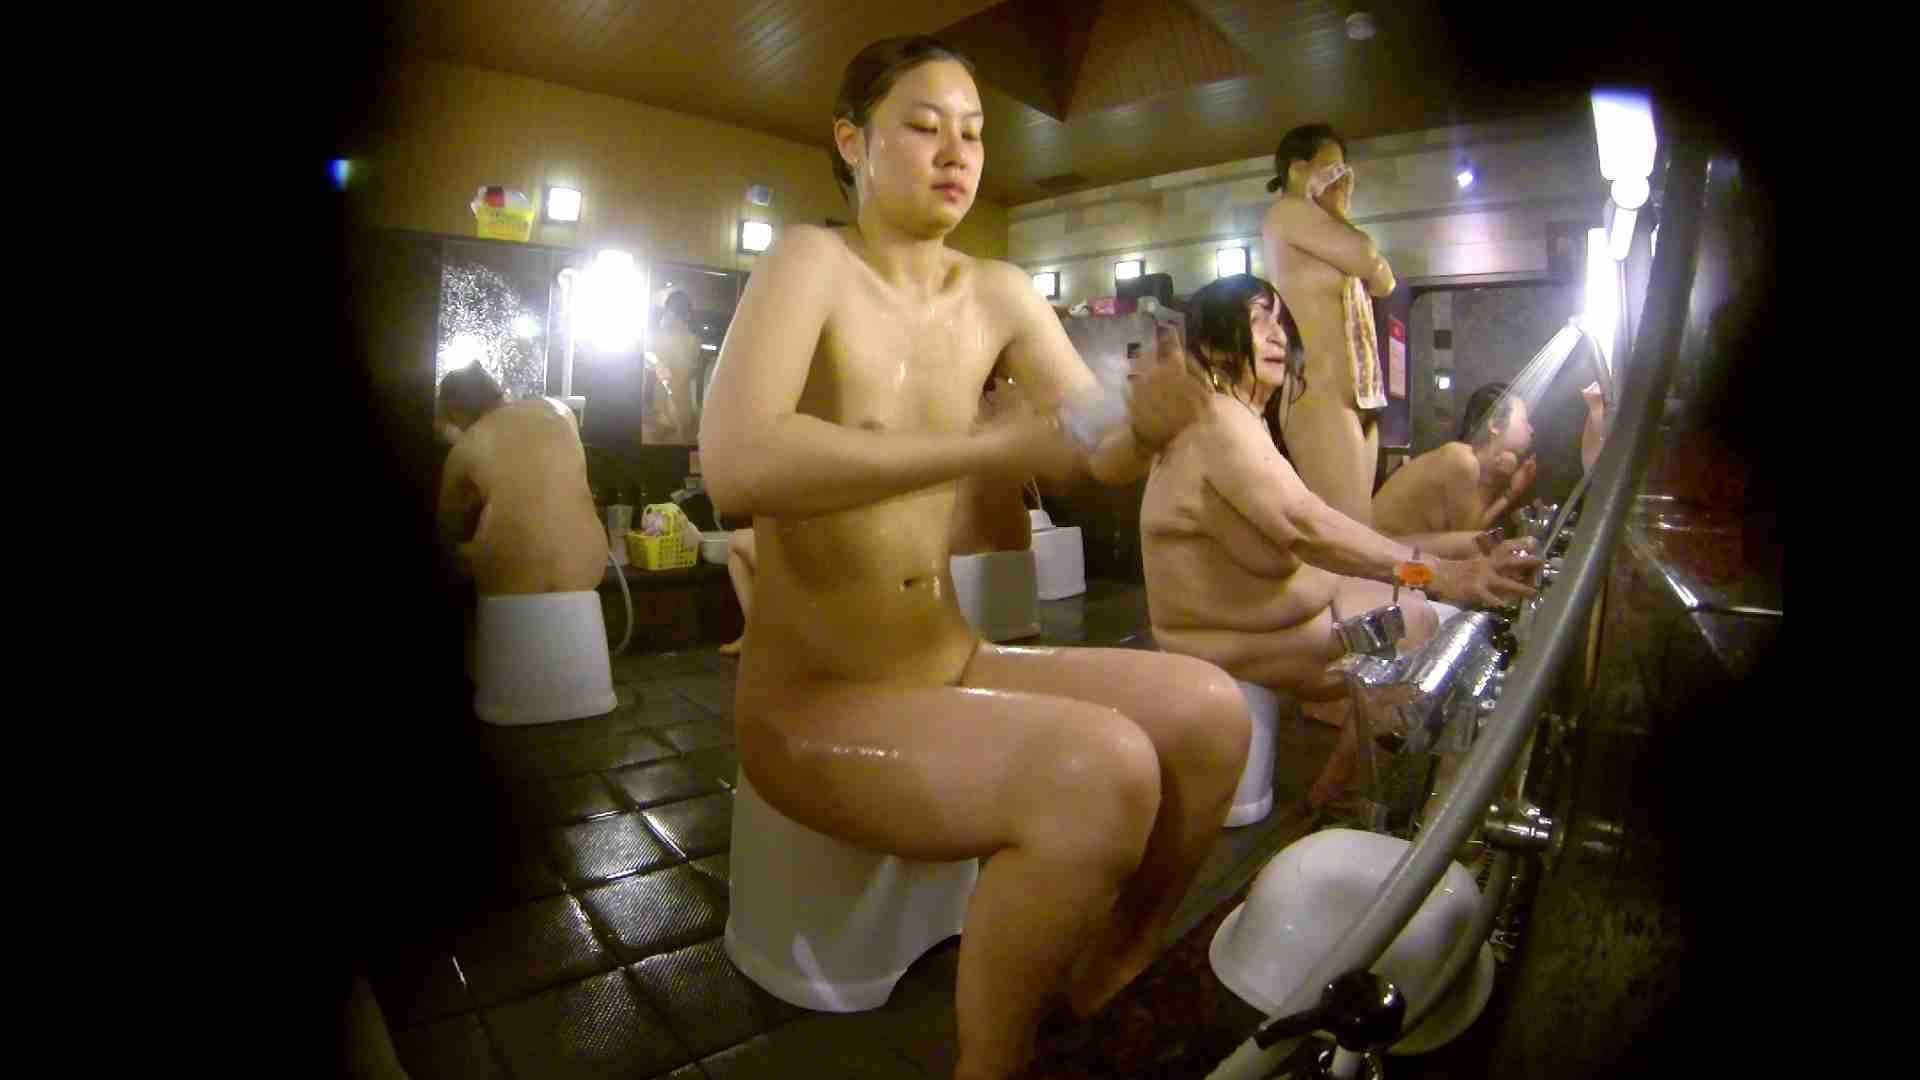 追い撮り!脱衣~洗い場、徹底追跡!撮り師さんに拍手!! 女湯 アダルト動画キャプチャ 95画像 69